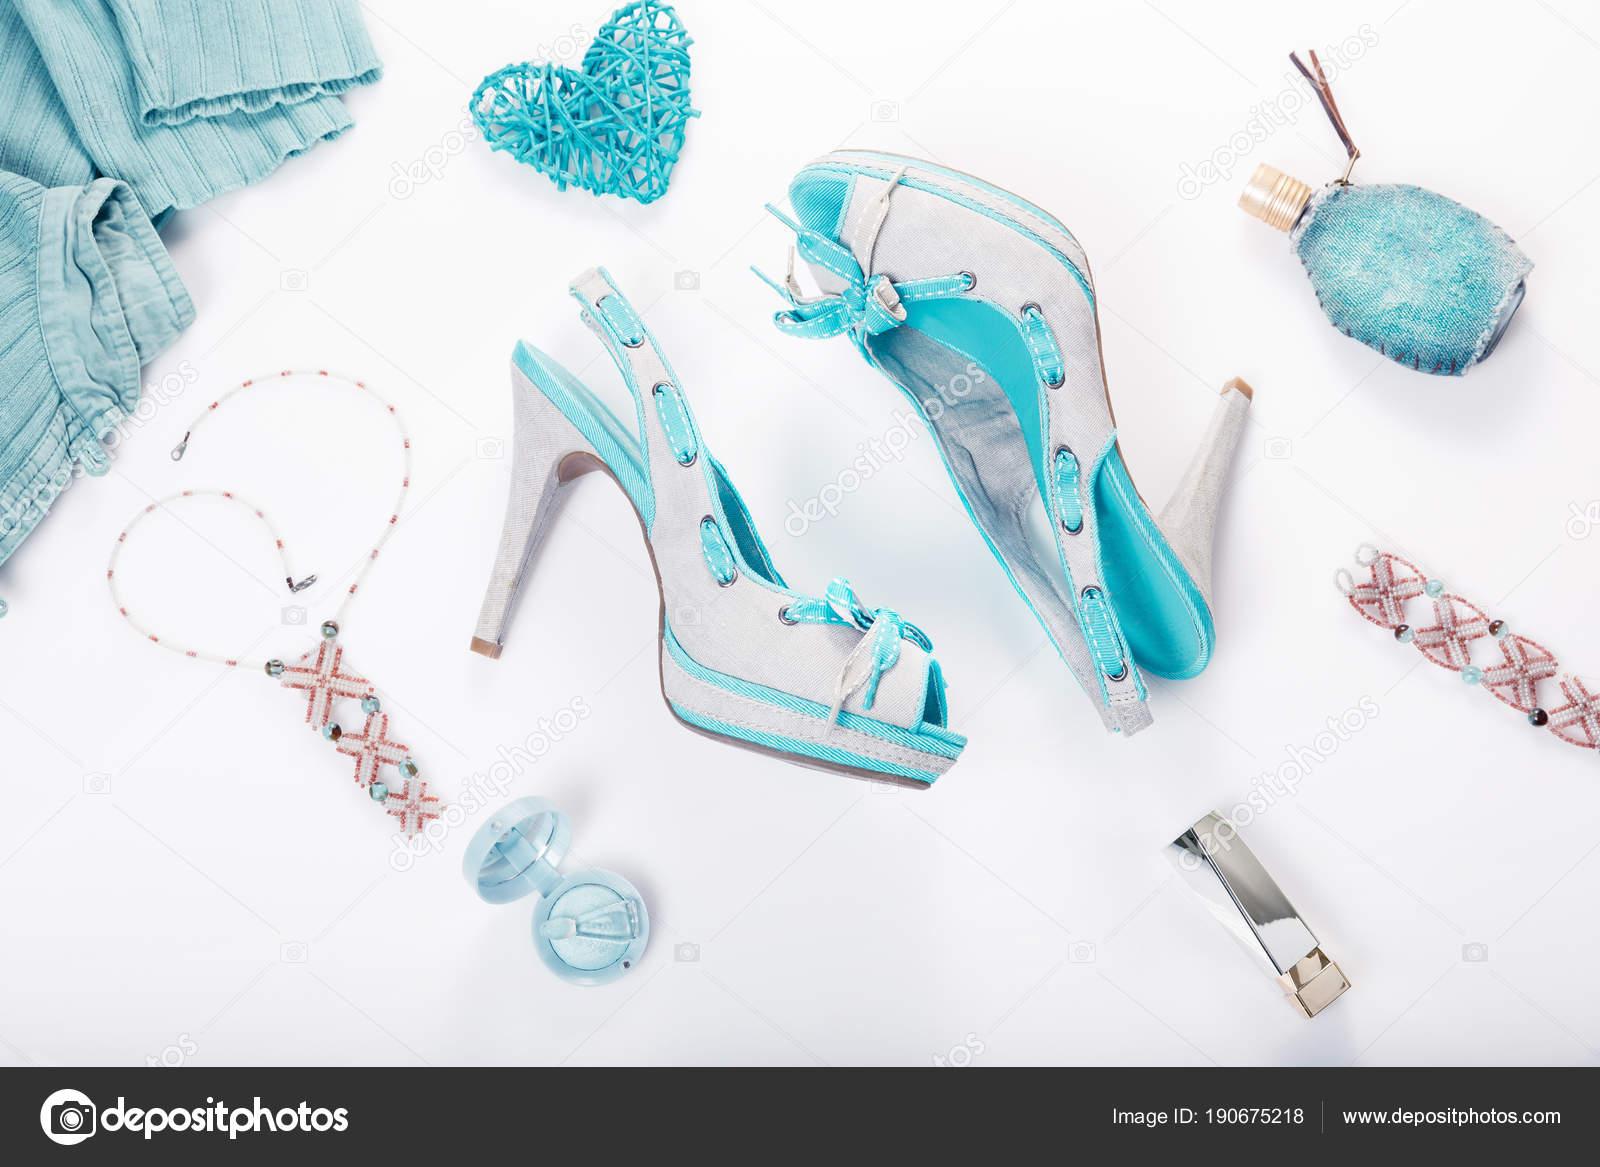 818b81bd67 Nyári utcai csípő stílus. Divat lány ruhák kiegészítők fehér háttér. Takács  Sarolta kék nyári farmer cipő, ruházati, ékszerek, kozmetikumok, parfümök.